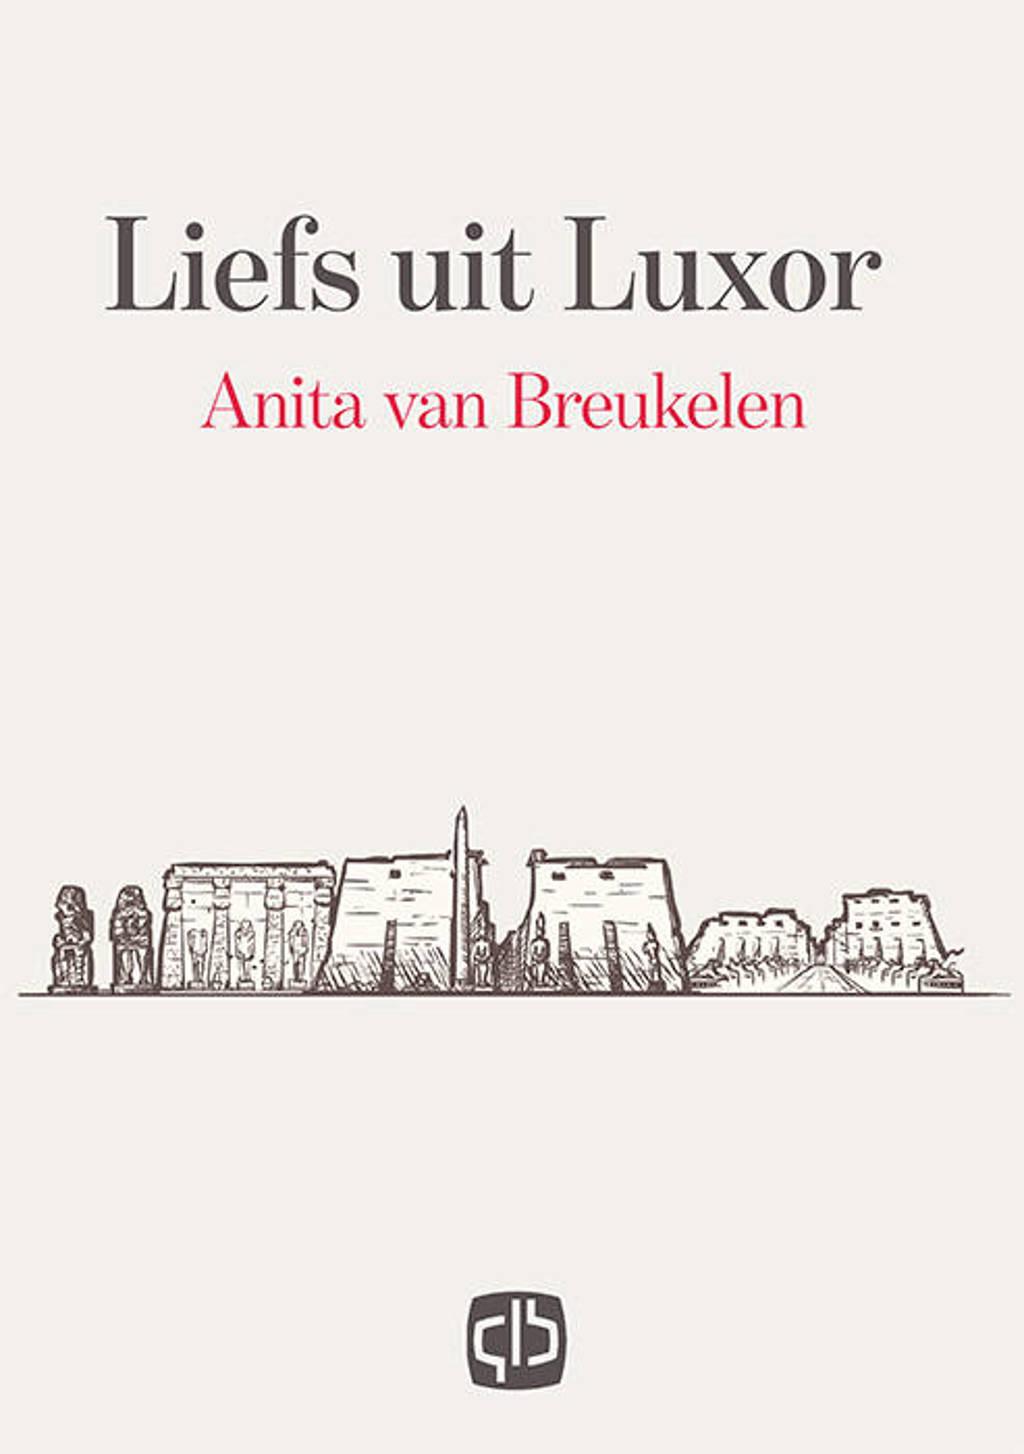 Liefs uit Luxor - Anita van Breukelen